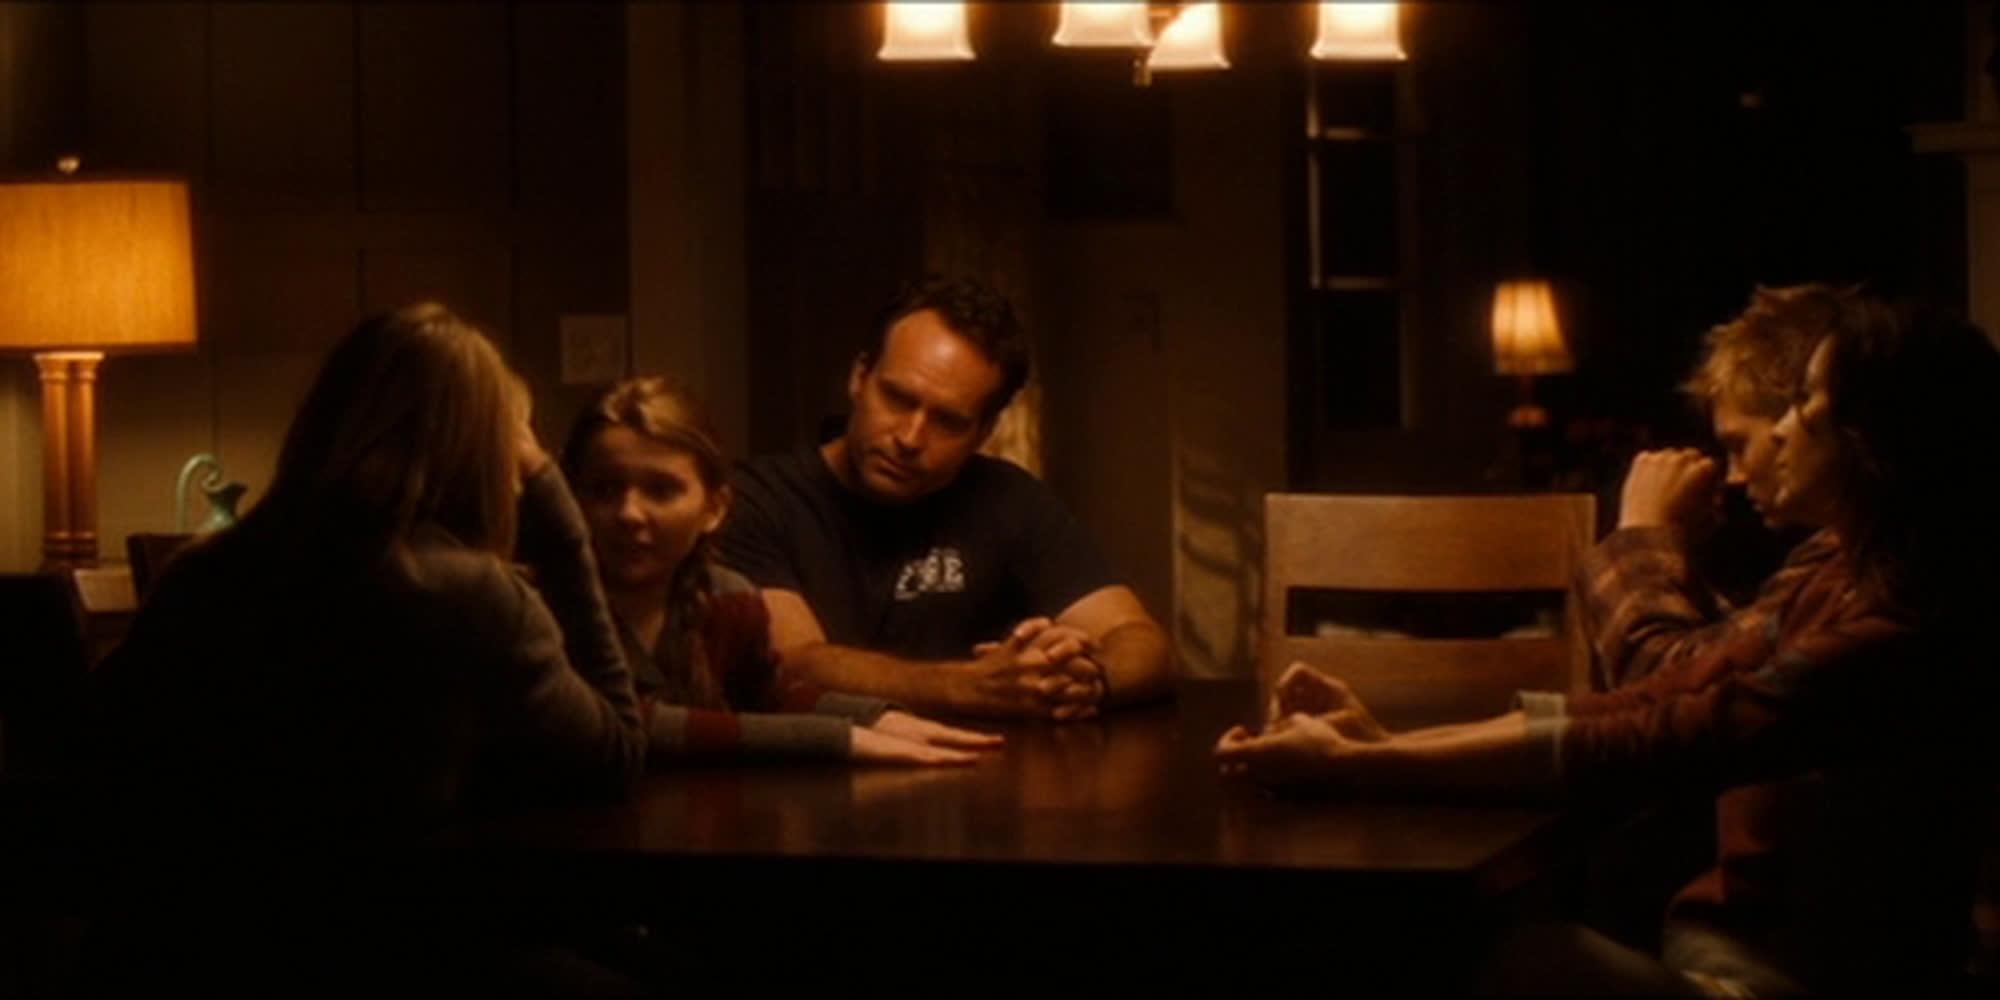 En familie sitter rundt et bord. Belysningen er dempet. Foto.